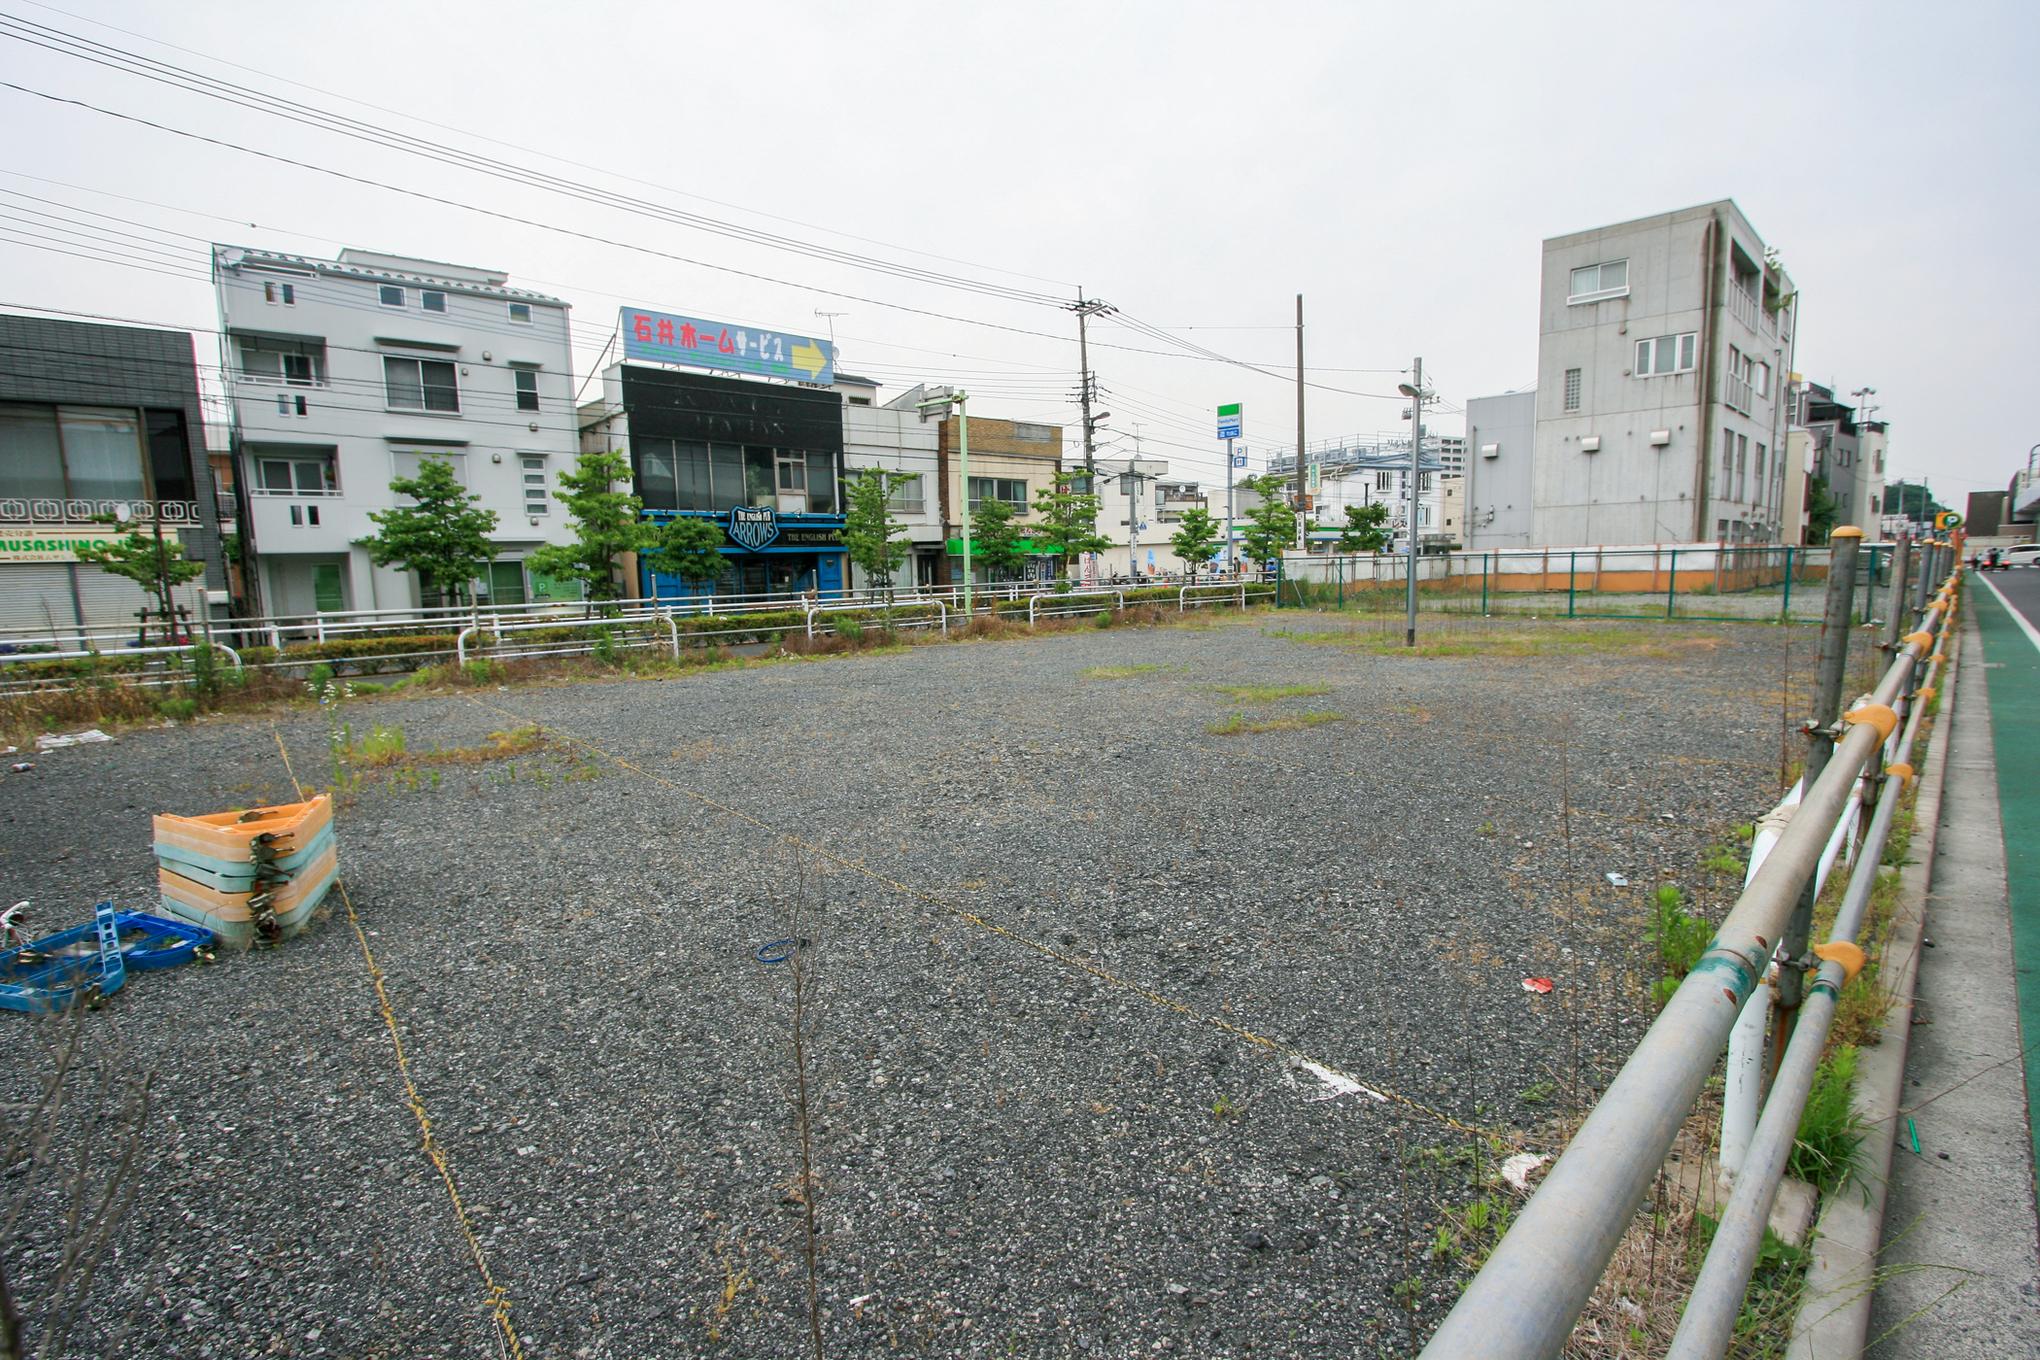 f:id:akichiniiko:20200720183610j:plain